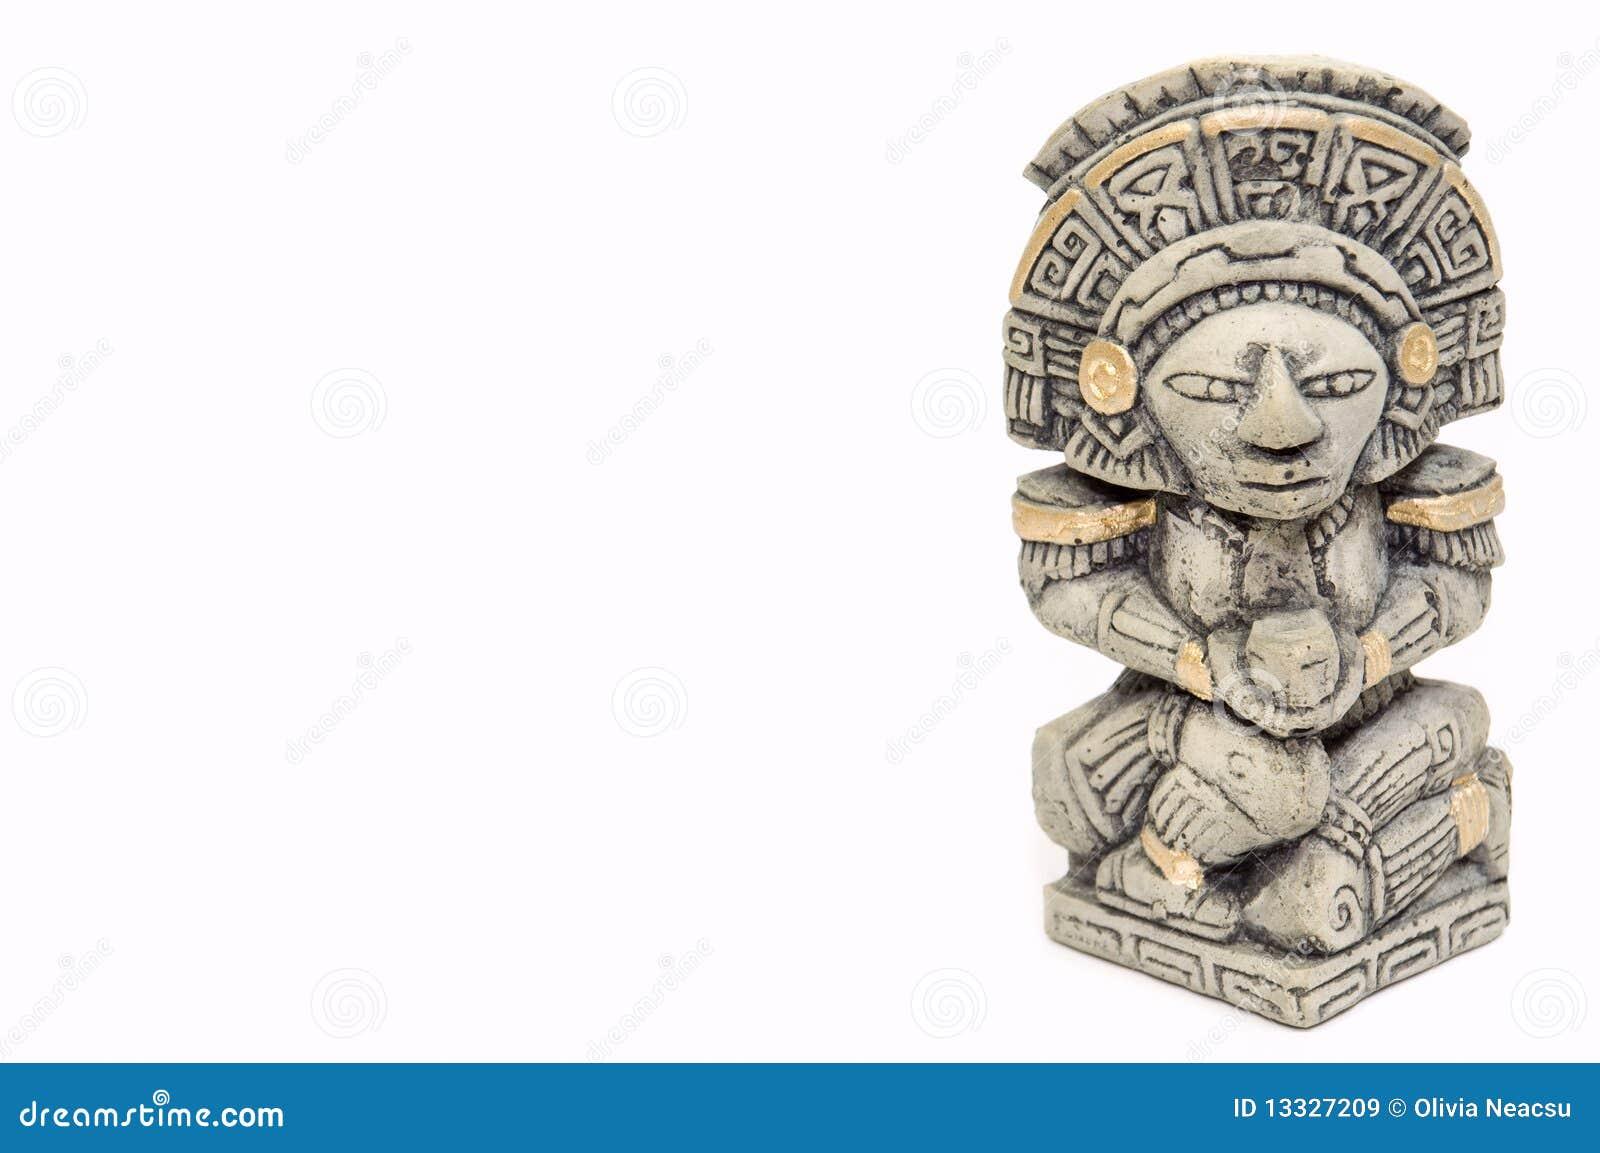 Majski statue1